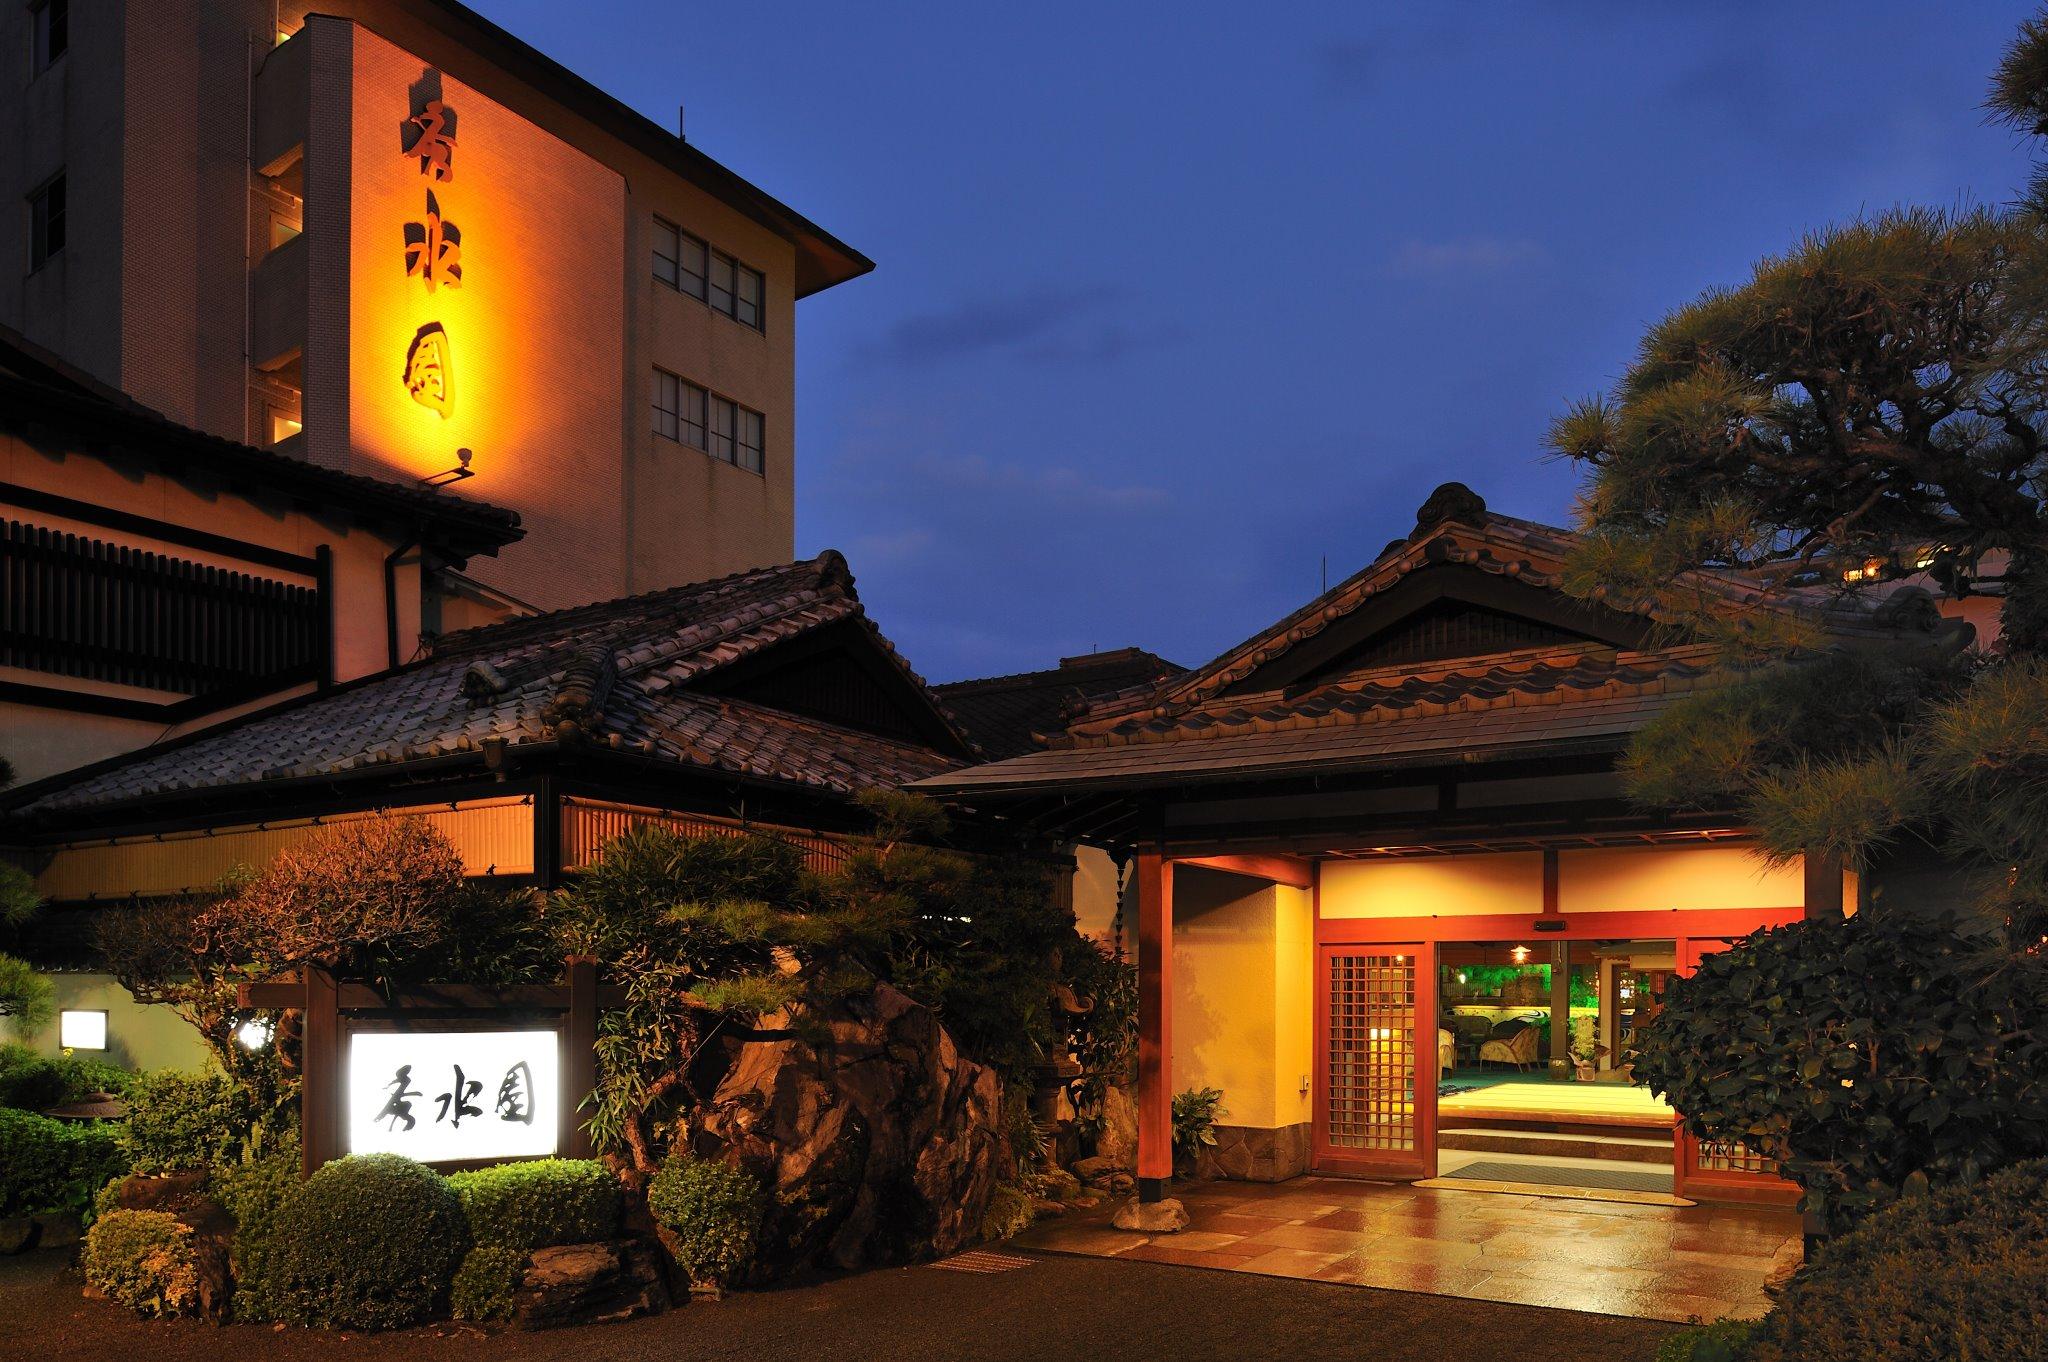 鹿児島が誇る30年連続料理日本一の温泉旅館「いぶすき秀水園」